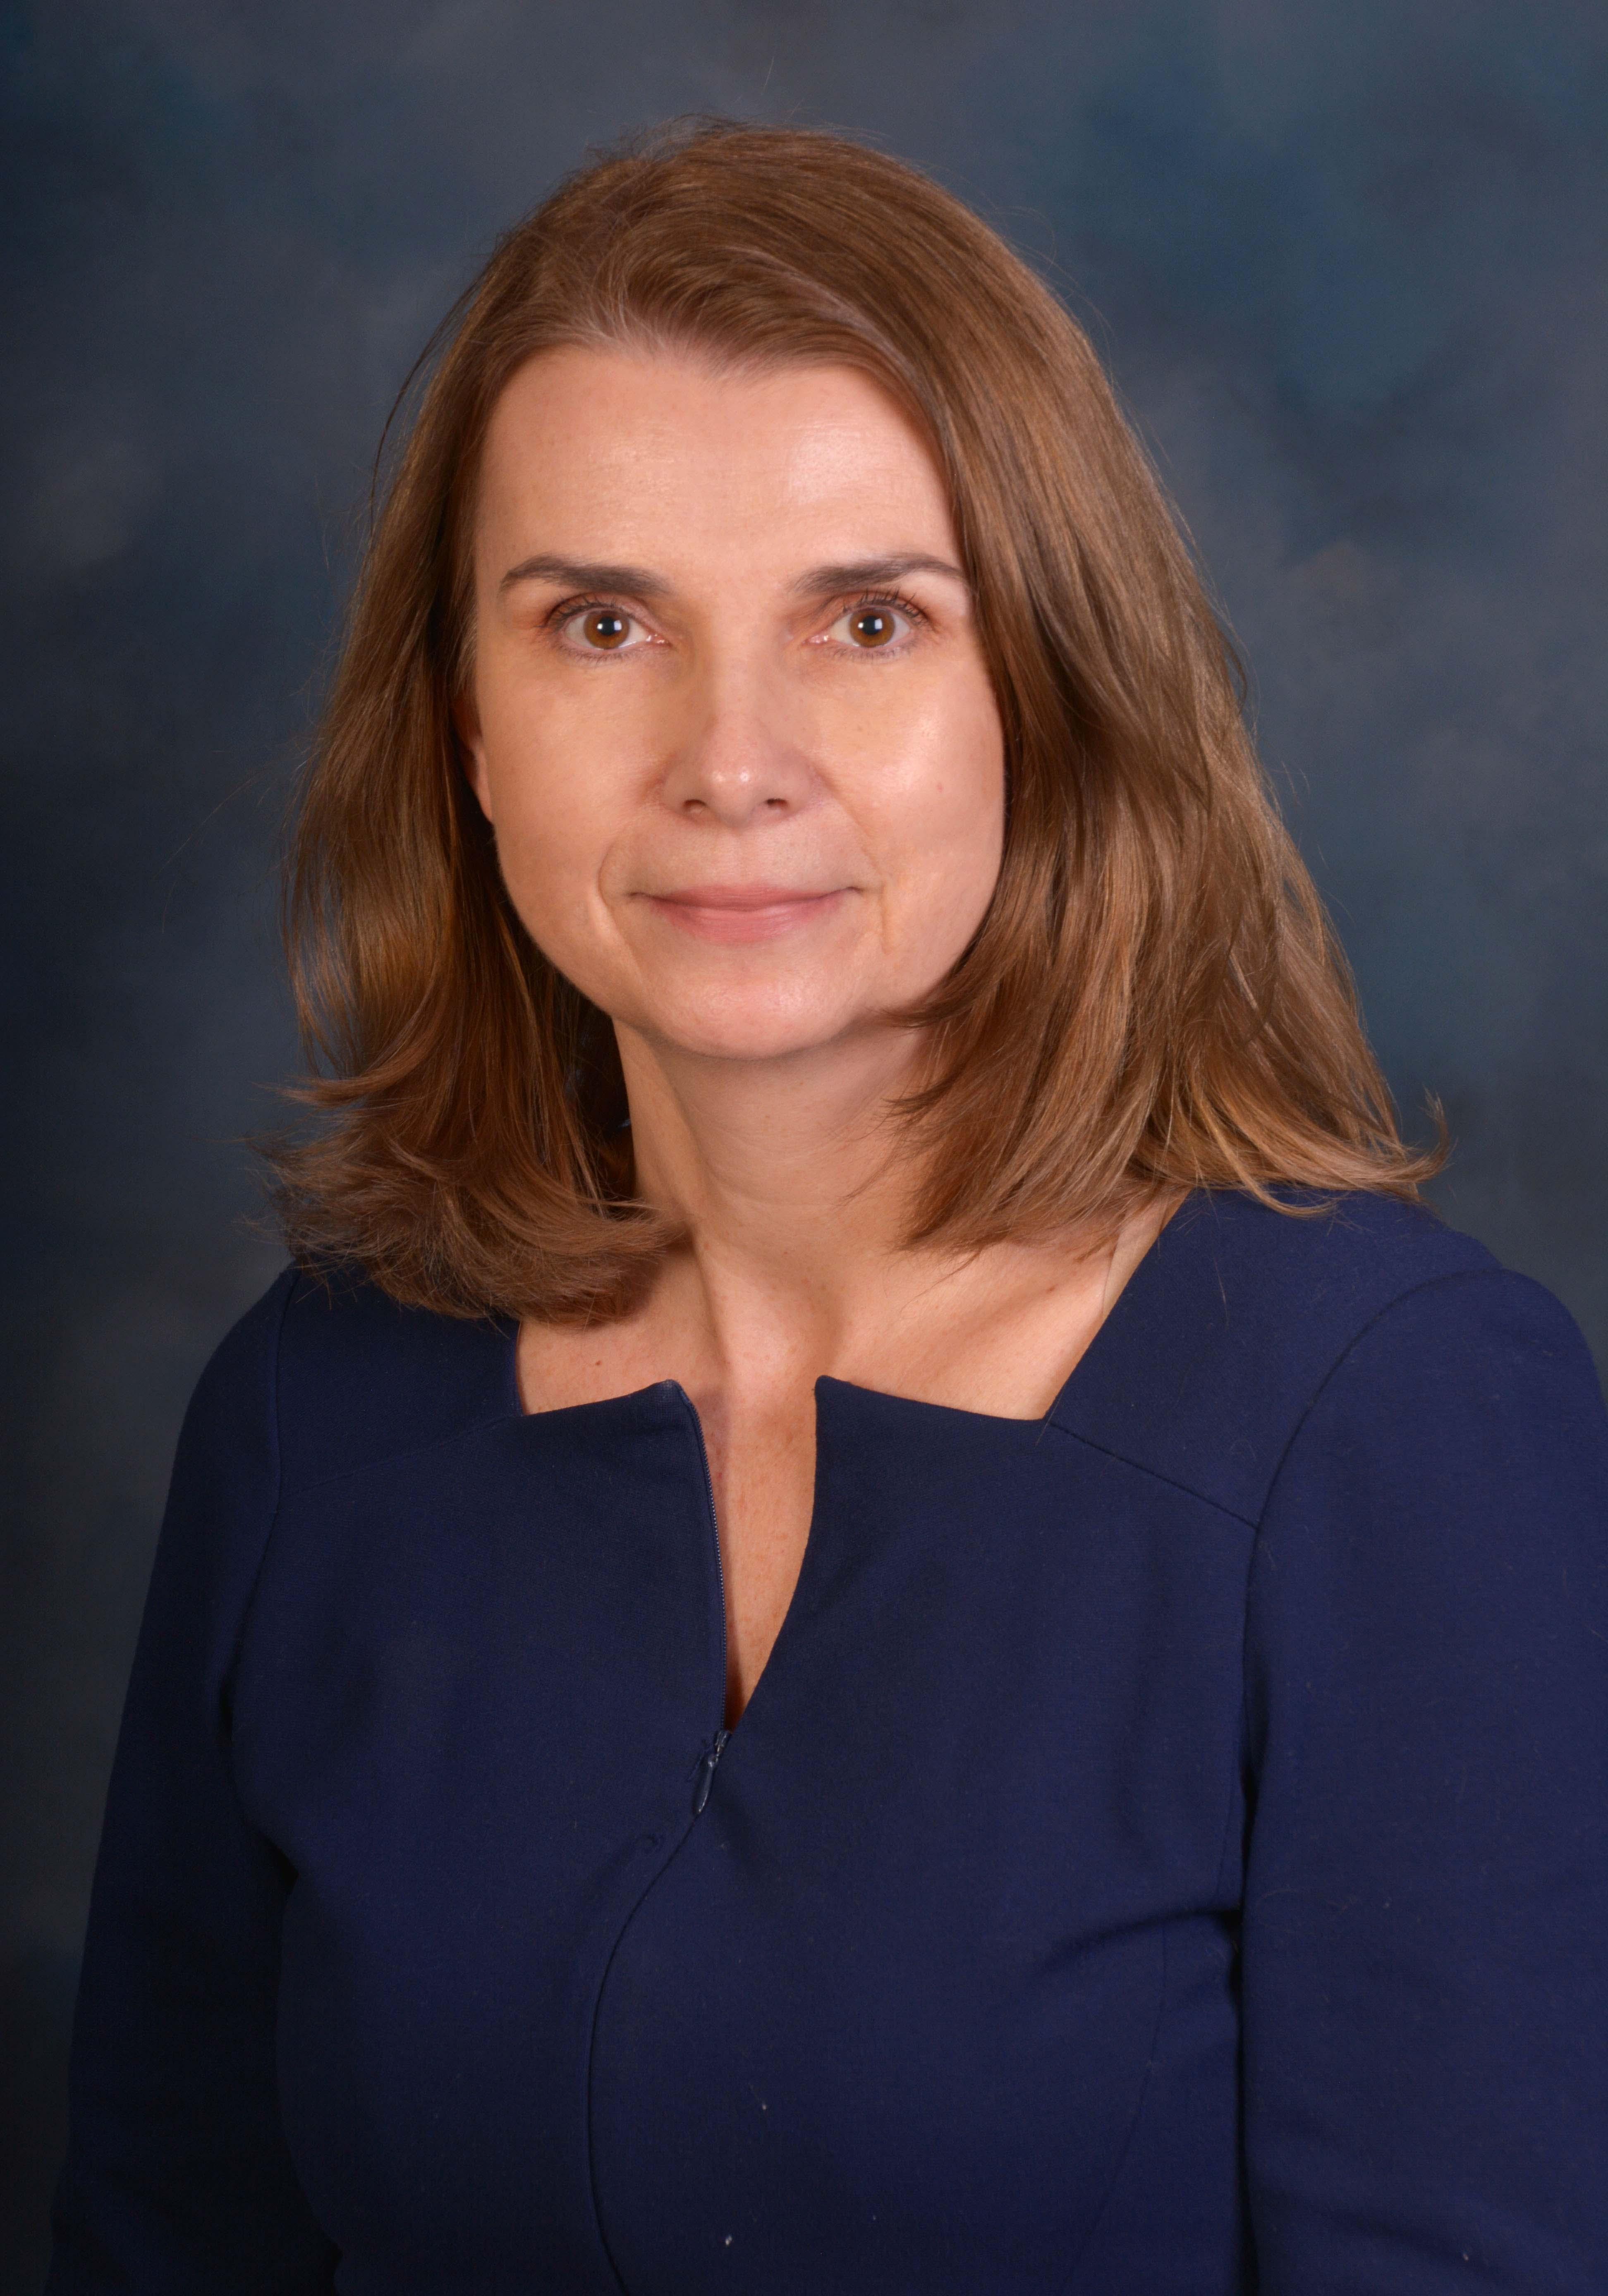 headshot of Joanna Totsky